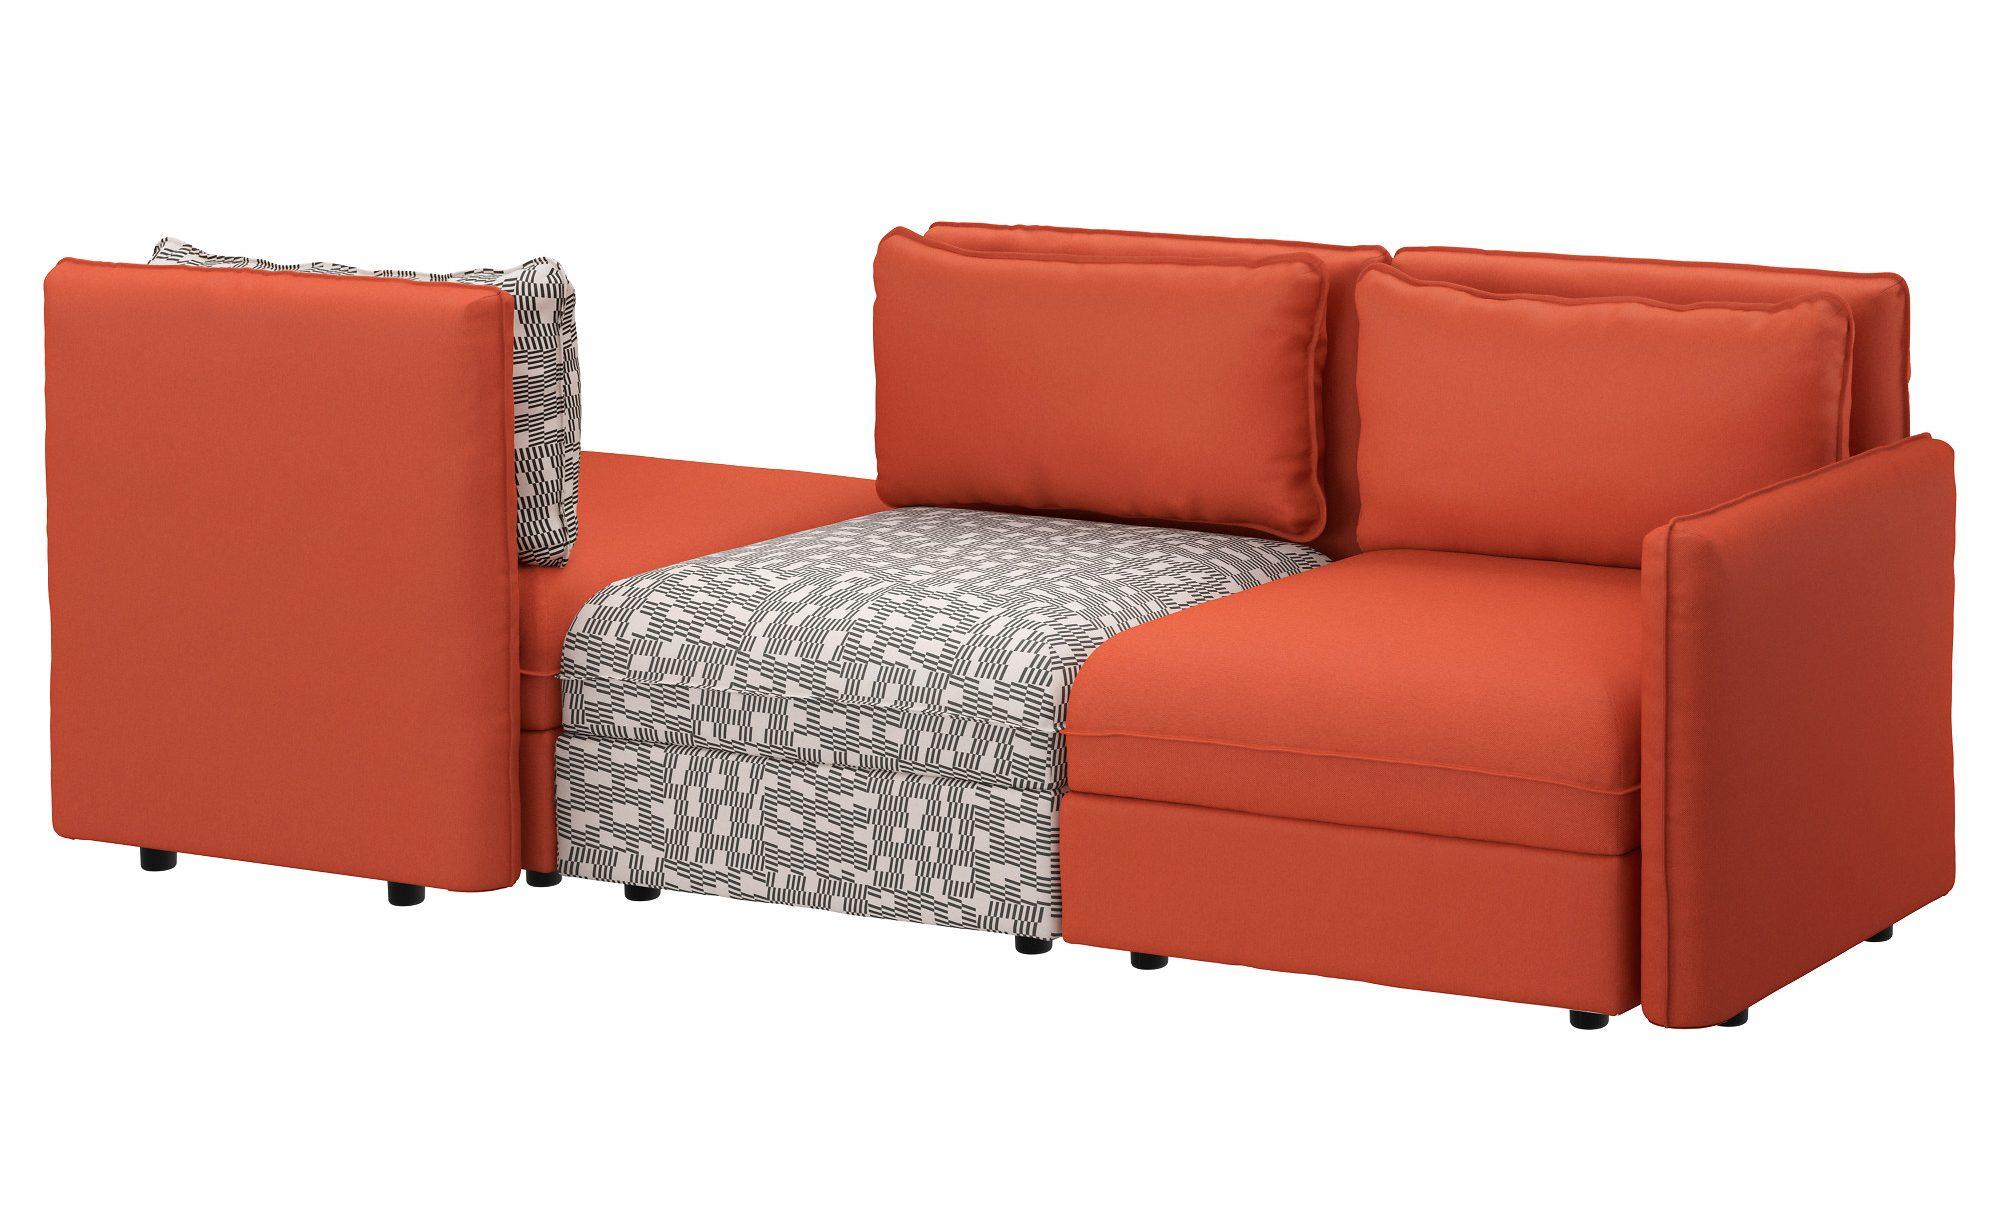 Recensione del divano Vallentuna IKEA: qualcosa di sospetto è in arrivo